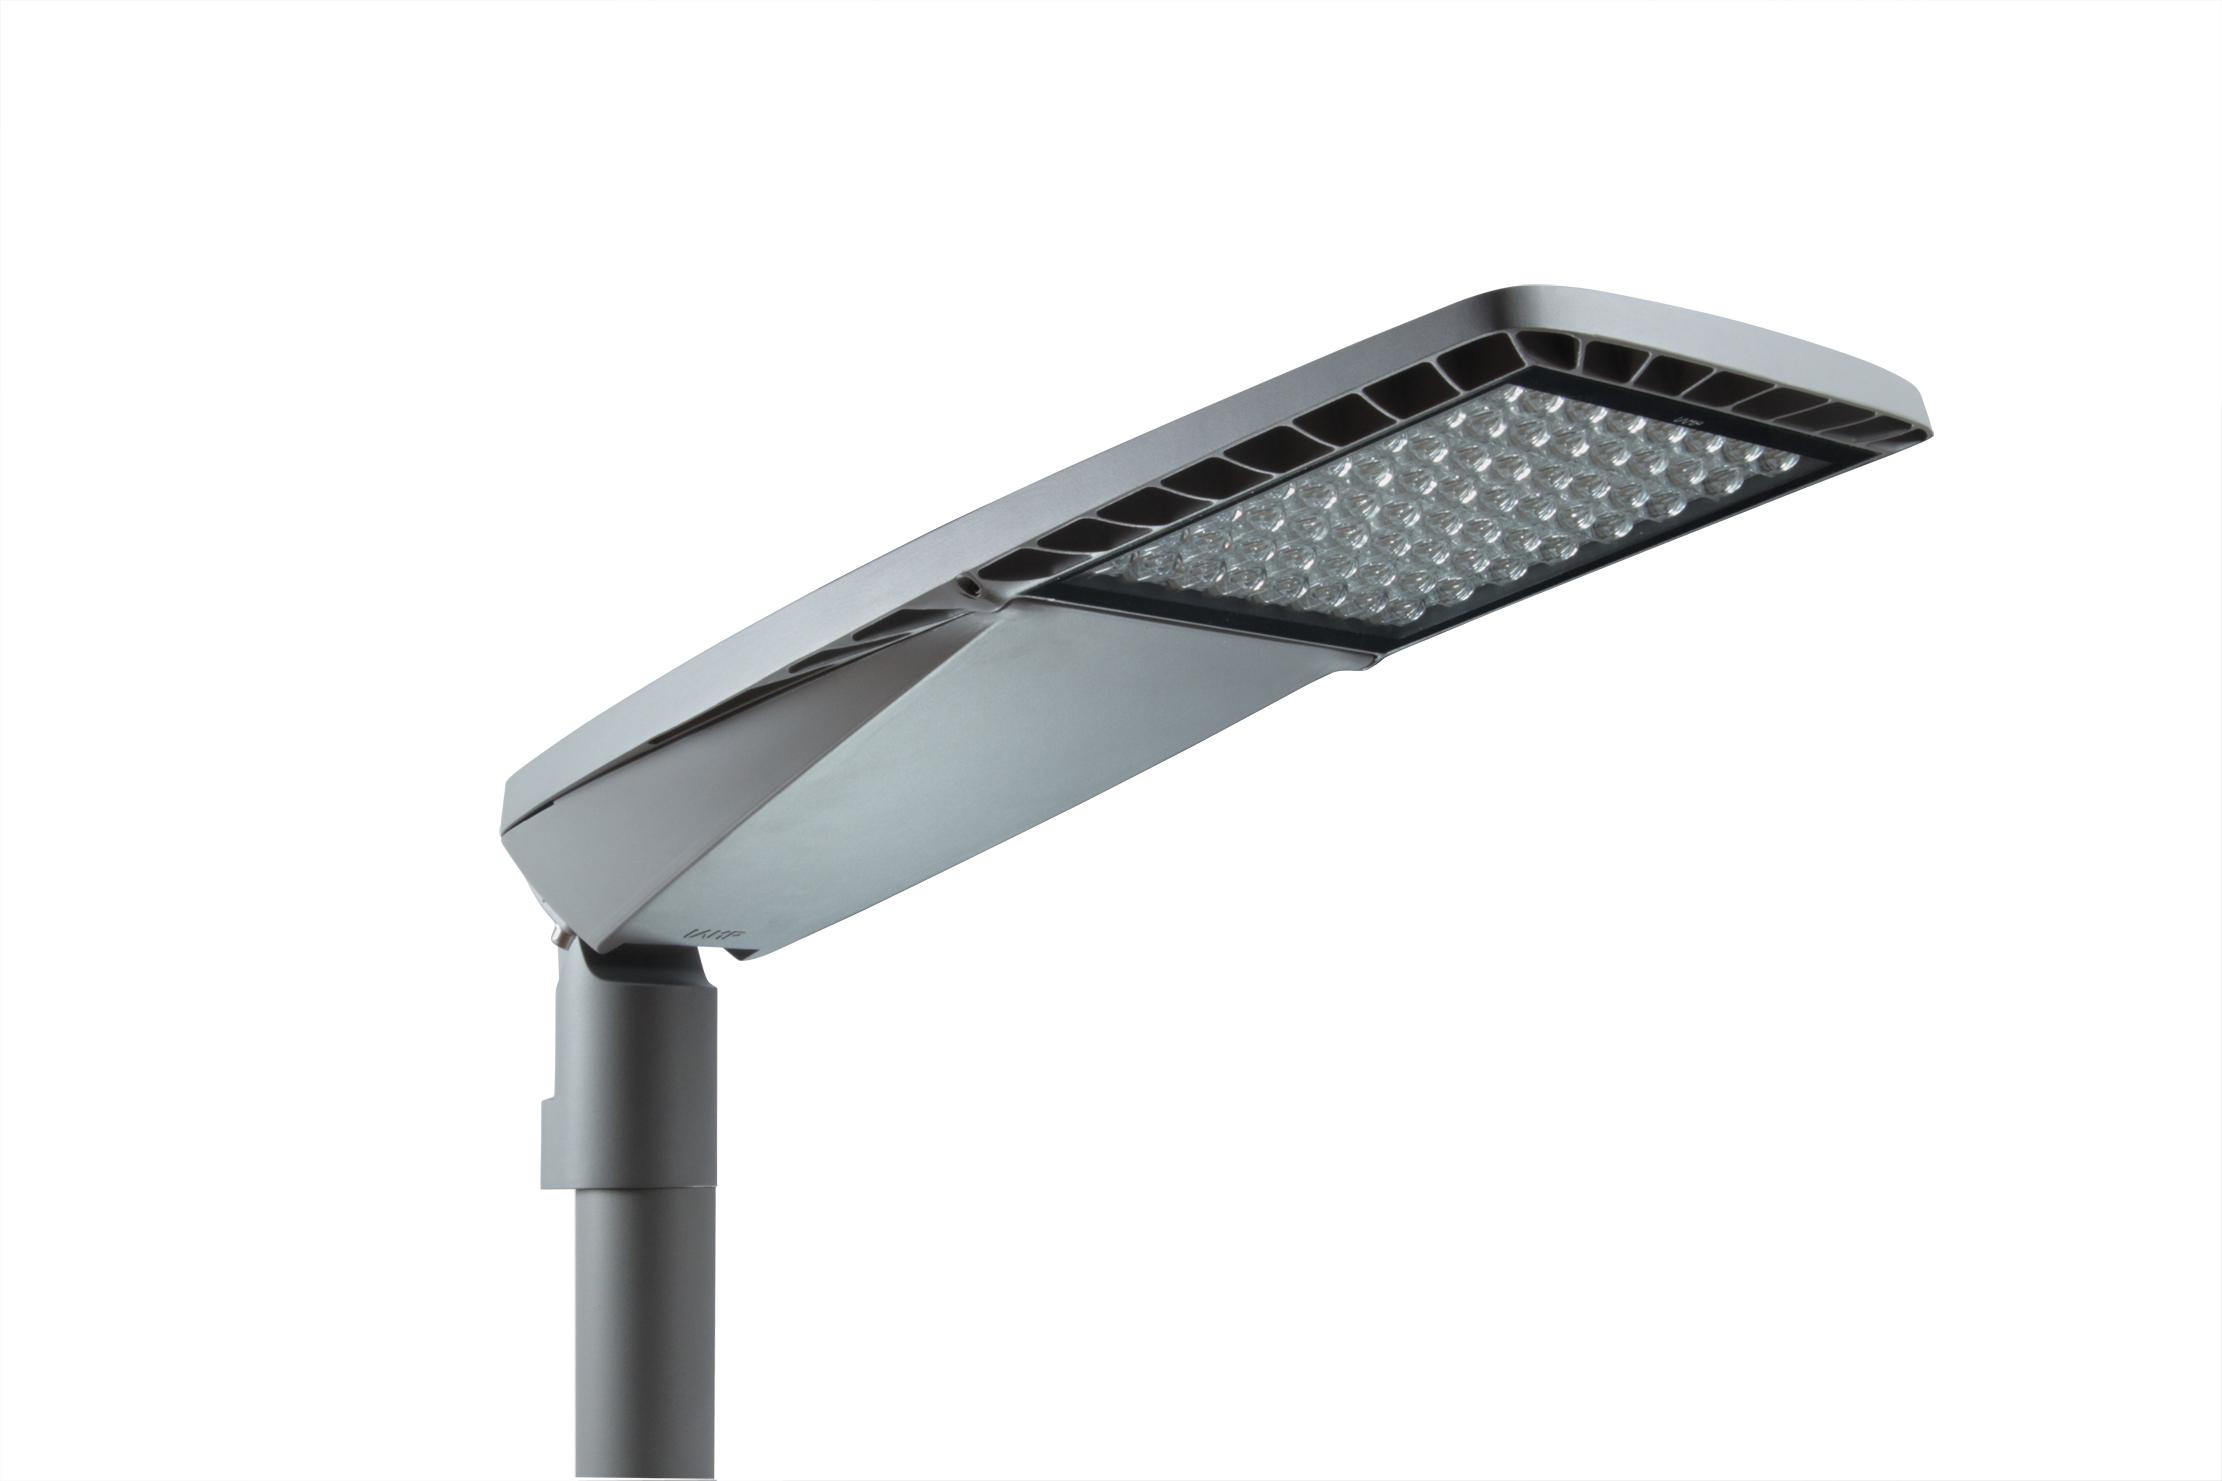 Lumière Pour Nouveau Urbain OwlLe De Point Led Éclairage Public Et mnv0wOyN8P